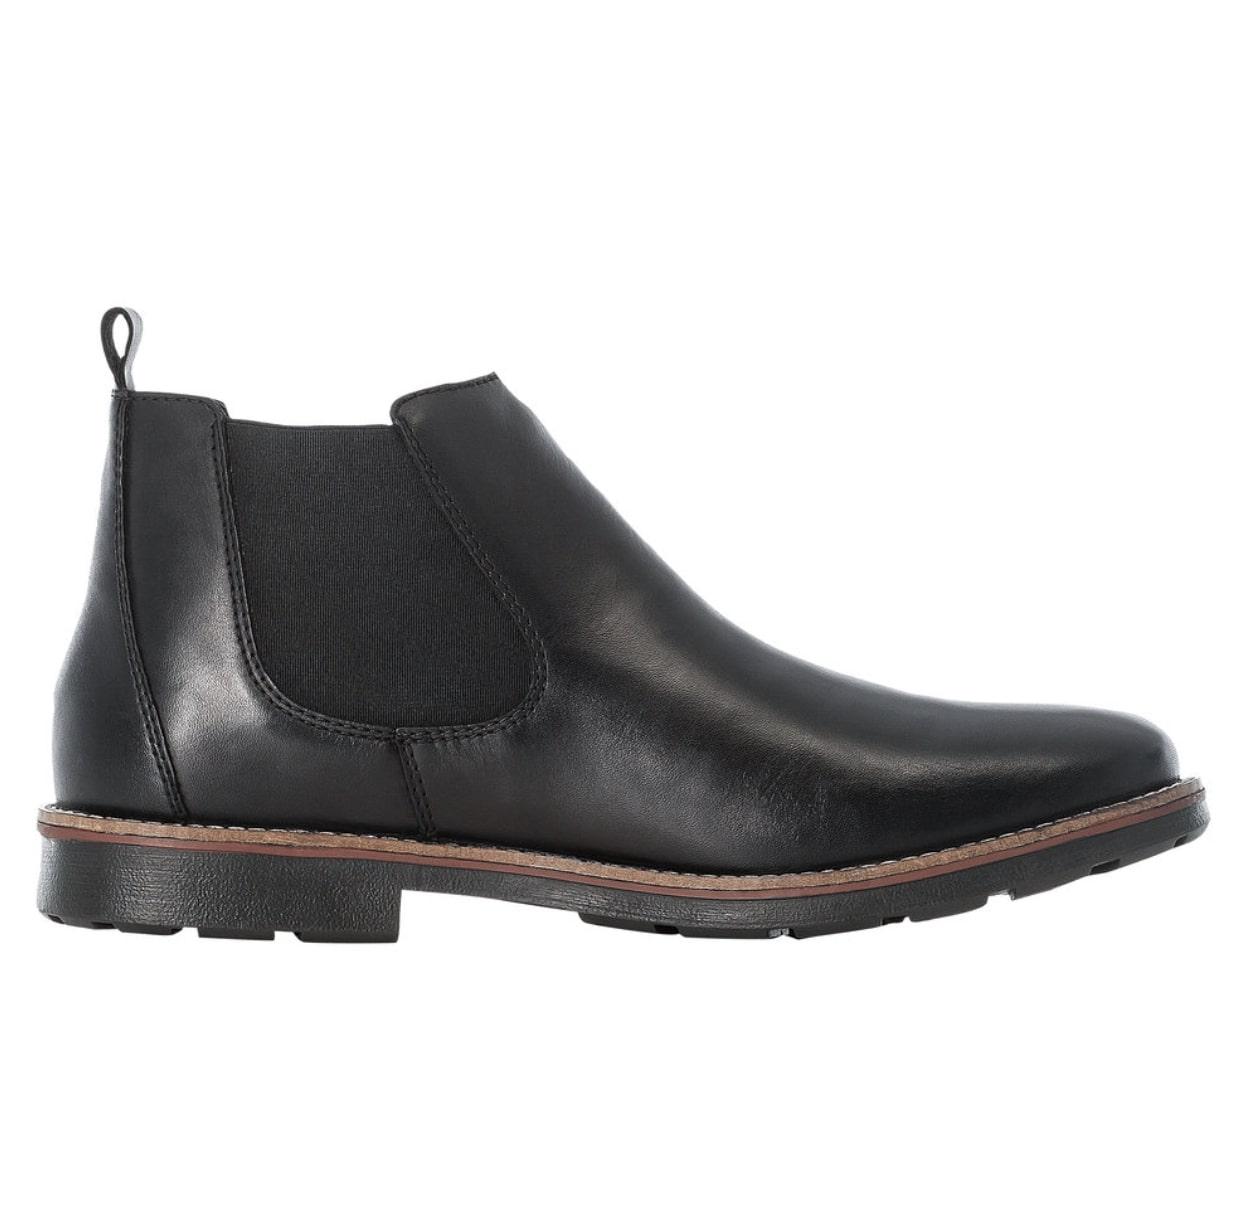 Rieker 35382-00 støvle, nero/sort, 41